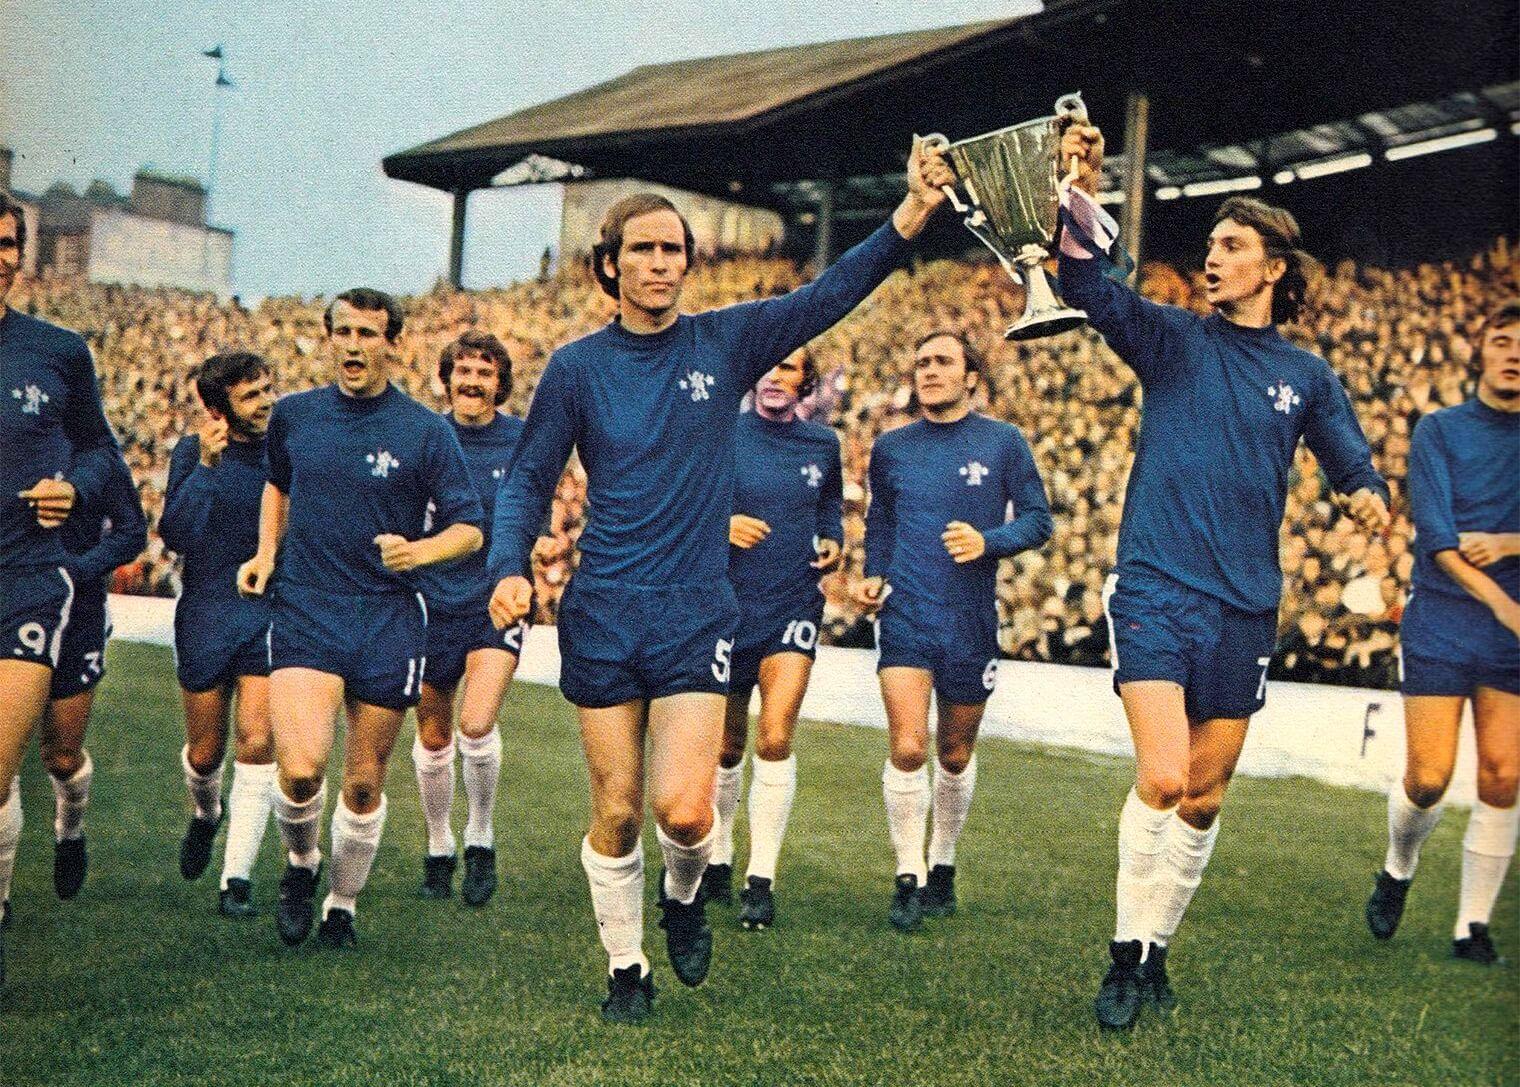 Il Chelsea con la Coppa delle Coppe vinta nella finale contro il Real Madrid nel 1971